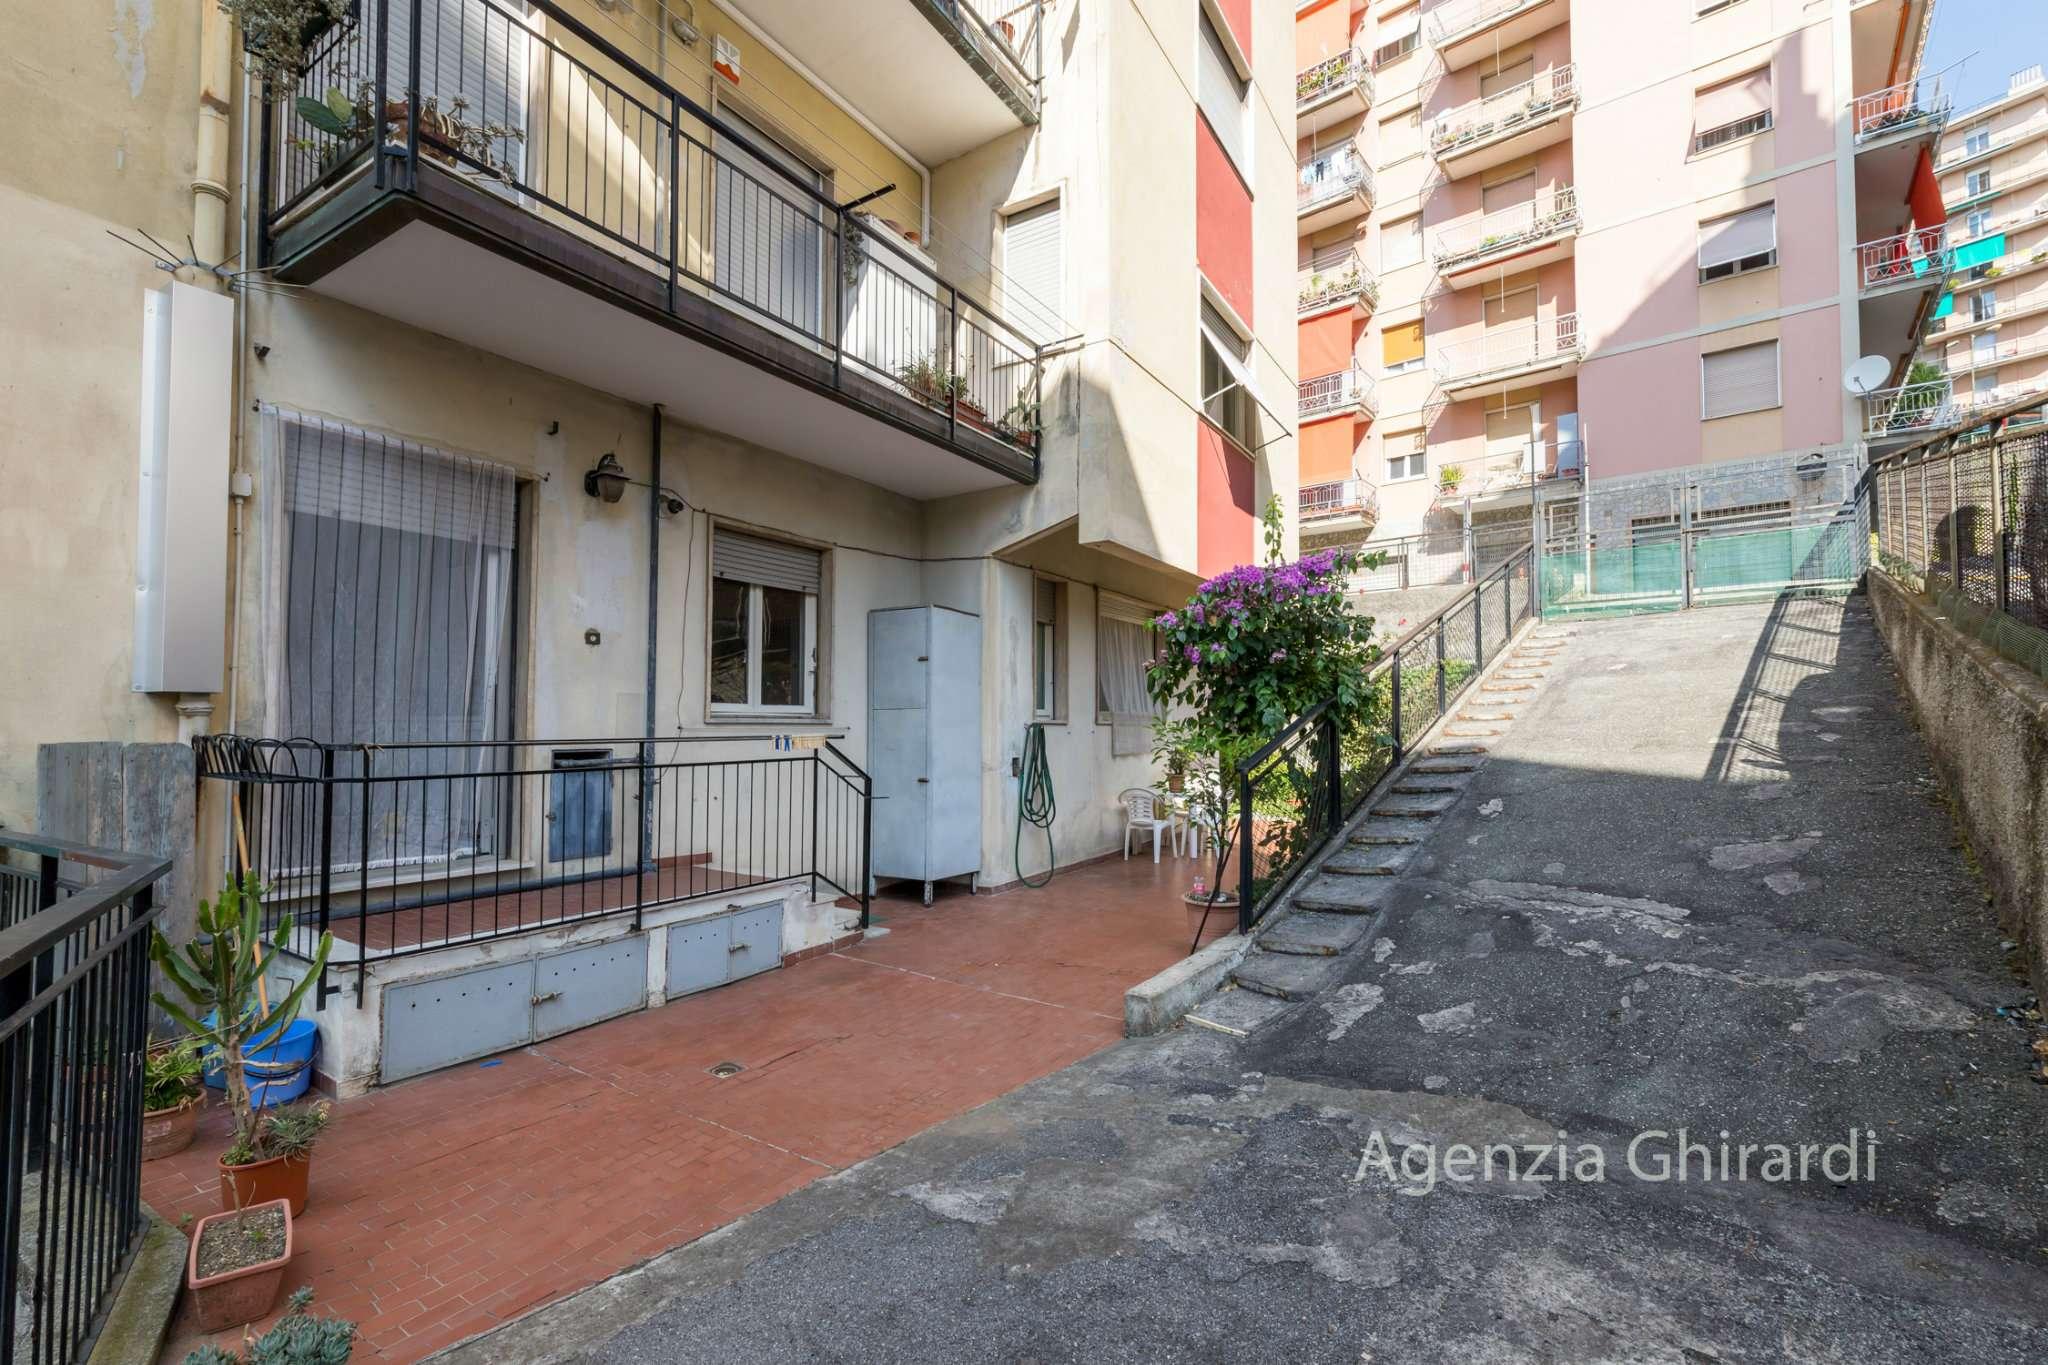 Foto 1 di Trilocale via Emanuele Canesi 49, Genova (zona Sestri Ponente)